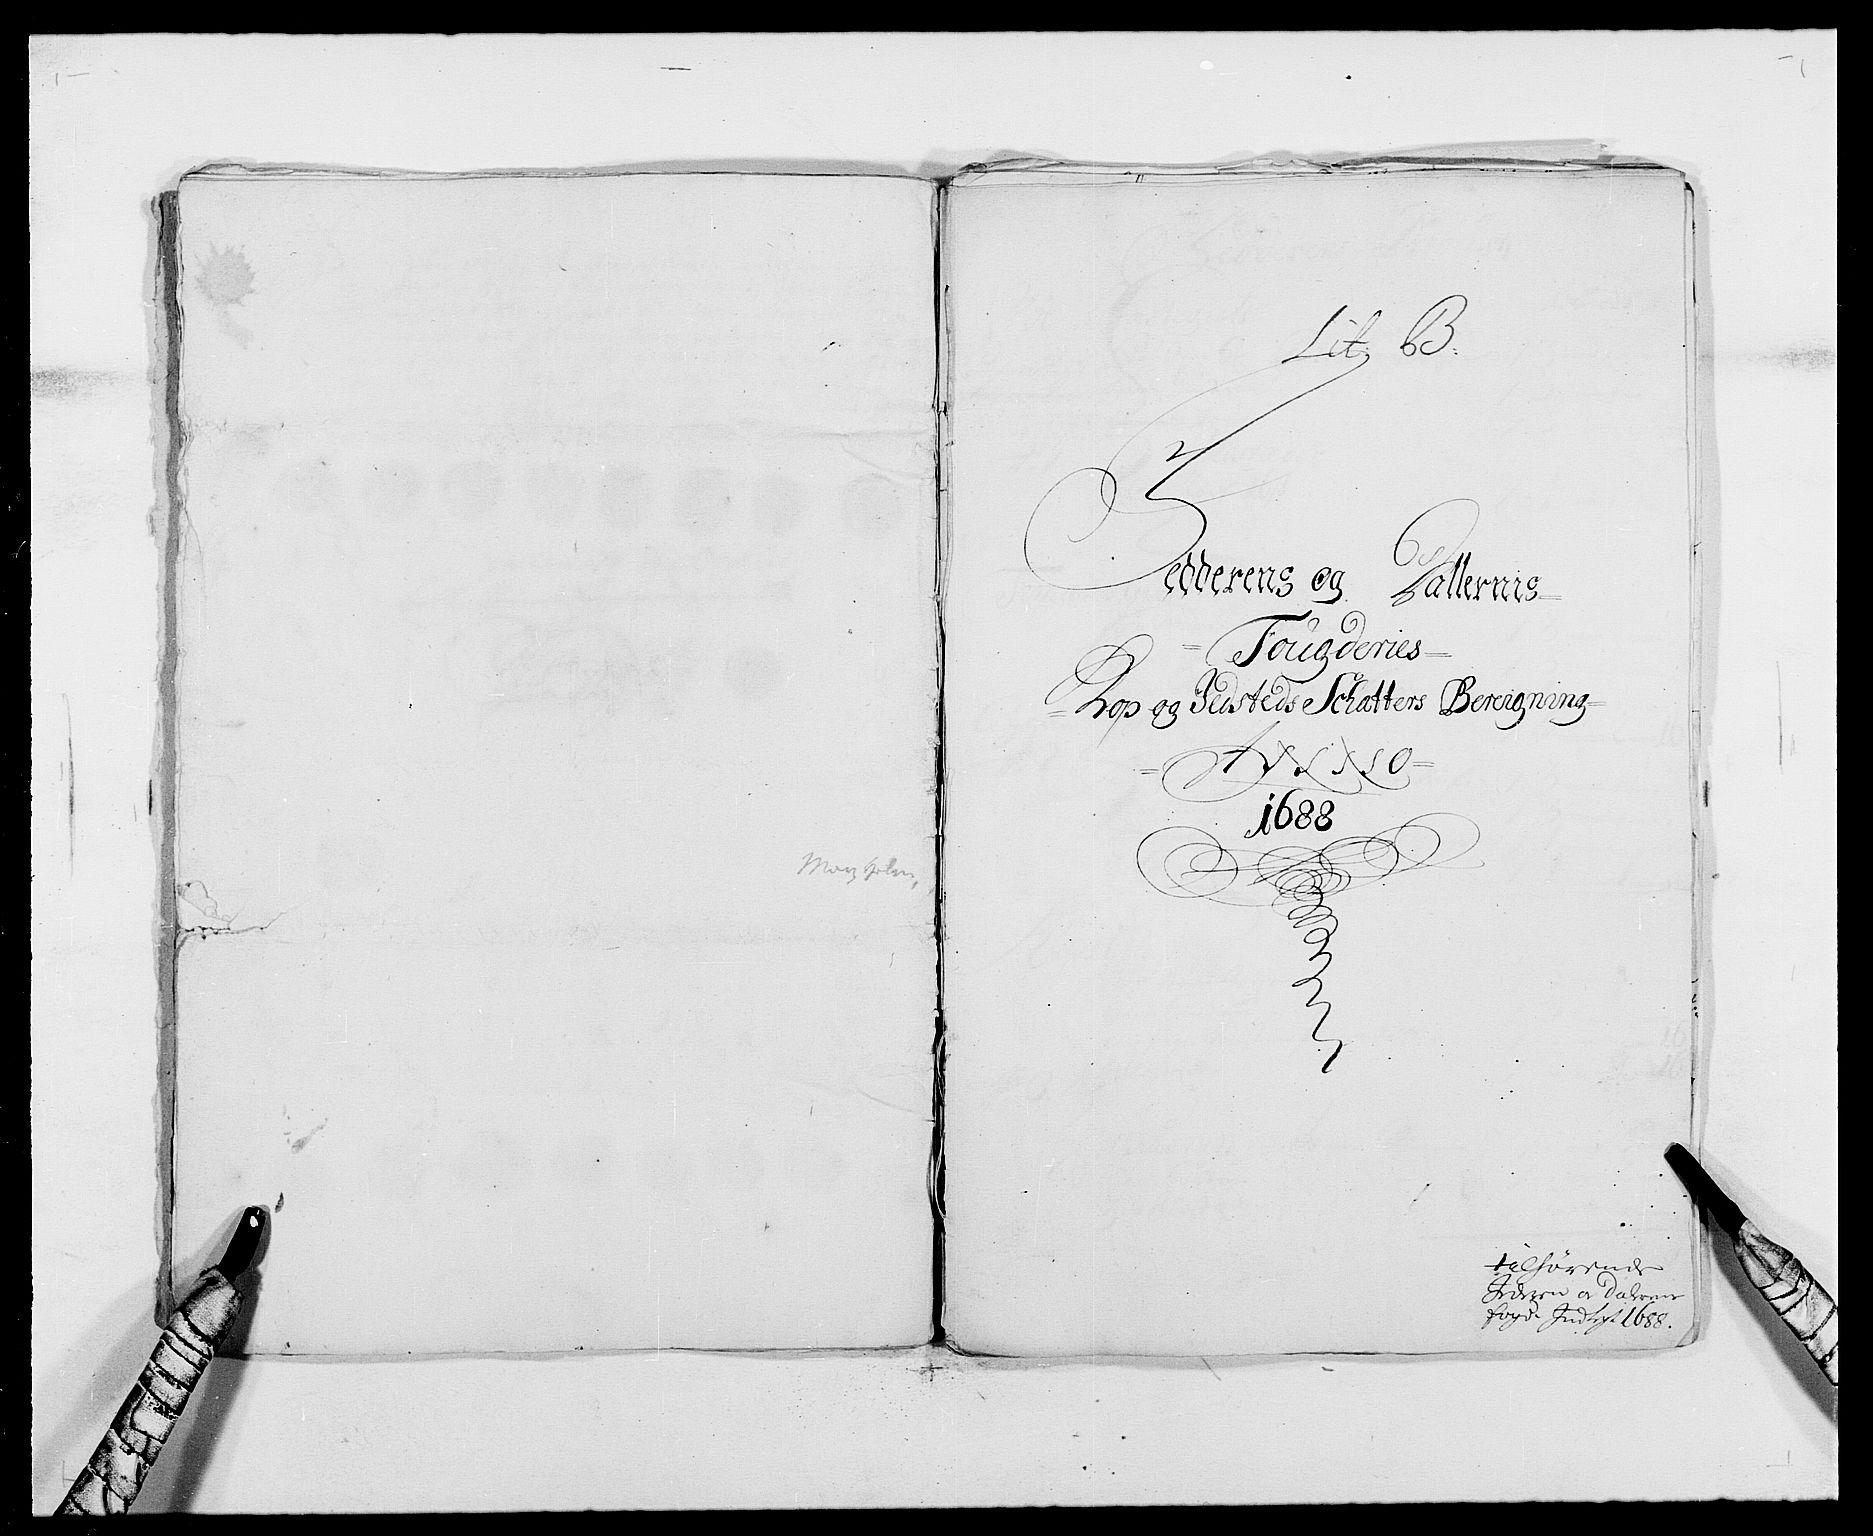 RA, Rentekammeret inntil 1814, Reviderte regnskaper, Fogderegnskap, R46/L2726: Fogderegnskap Jæren og Dalane, 1686-1689, s. 260